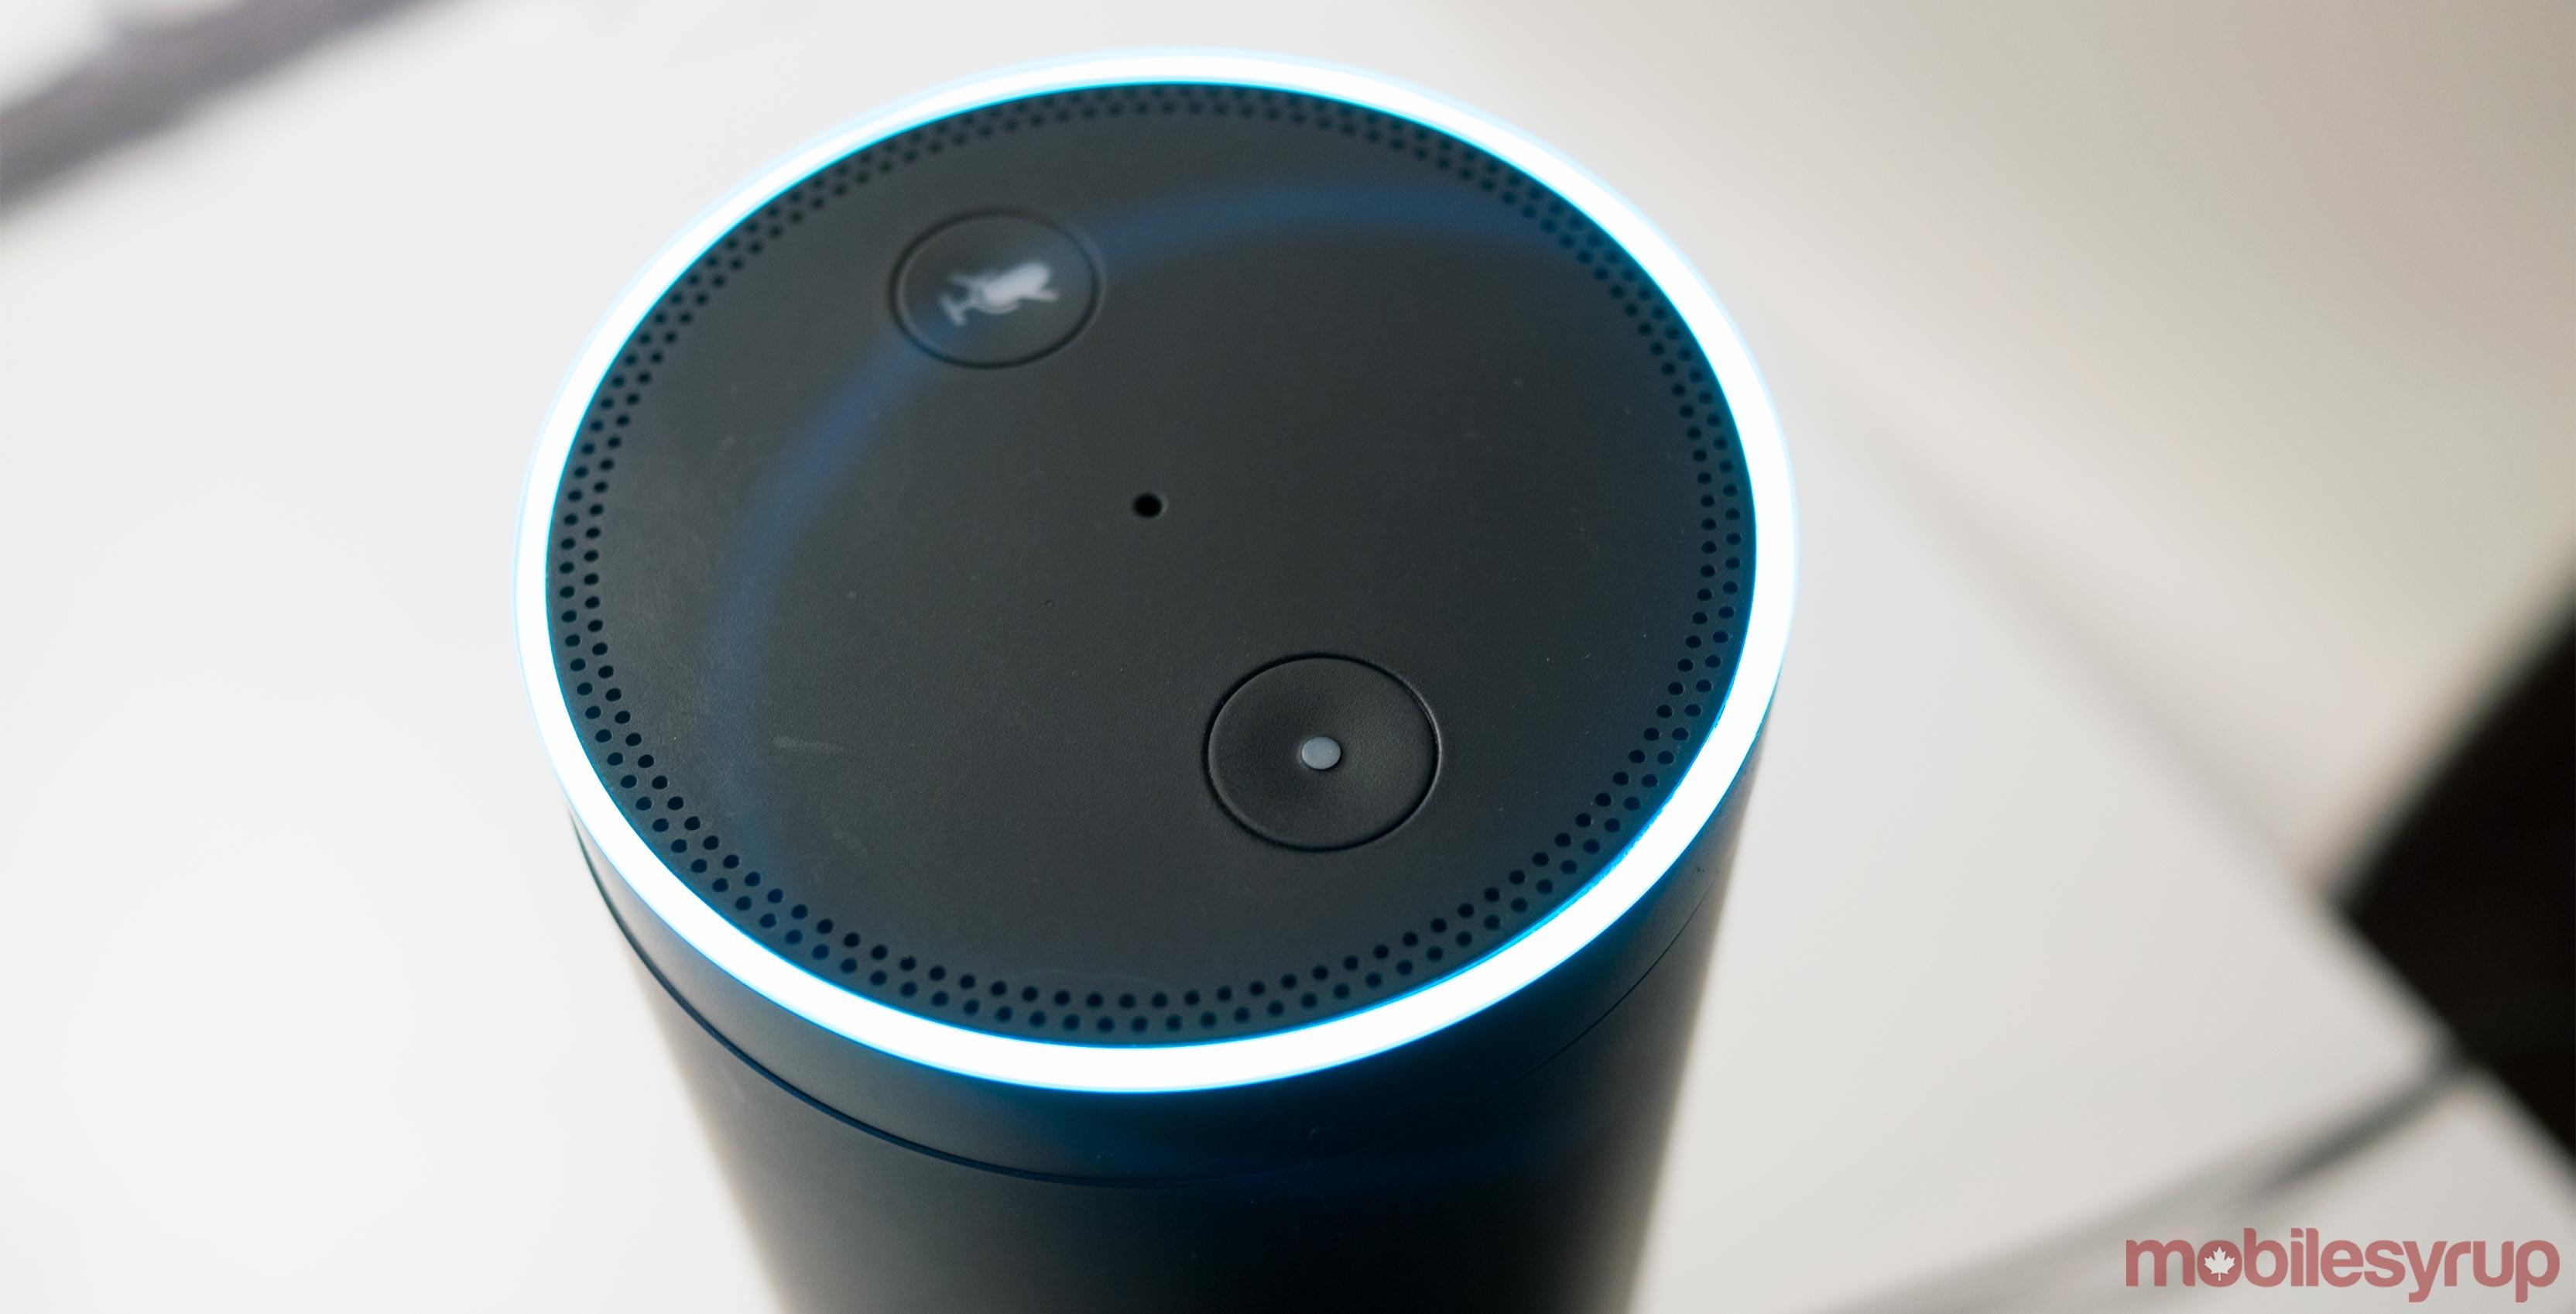 Amazon Alexa on a Amazon Echo